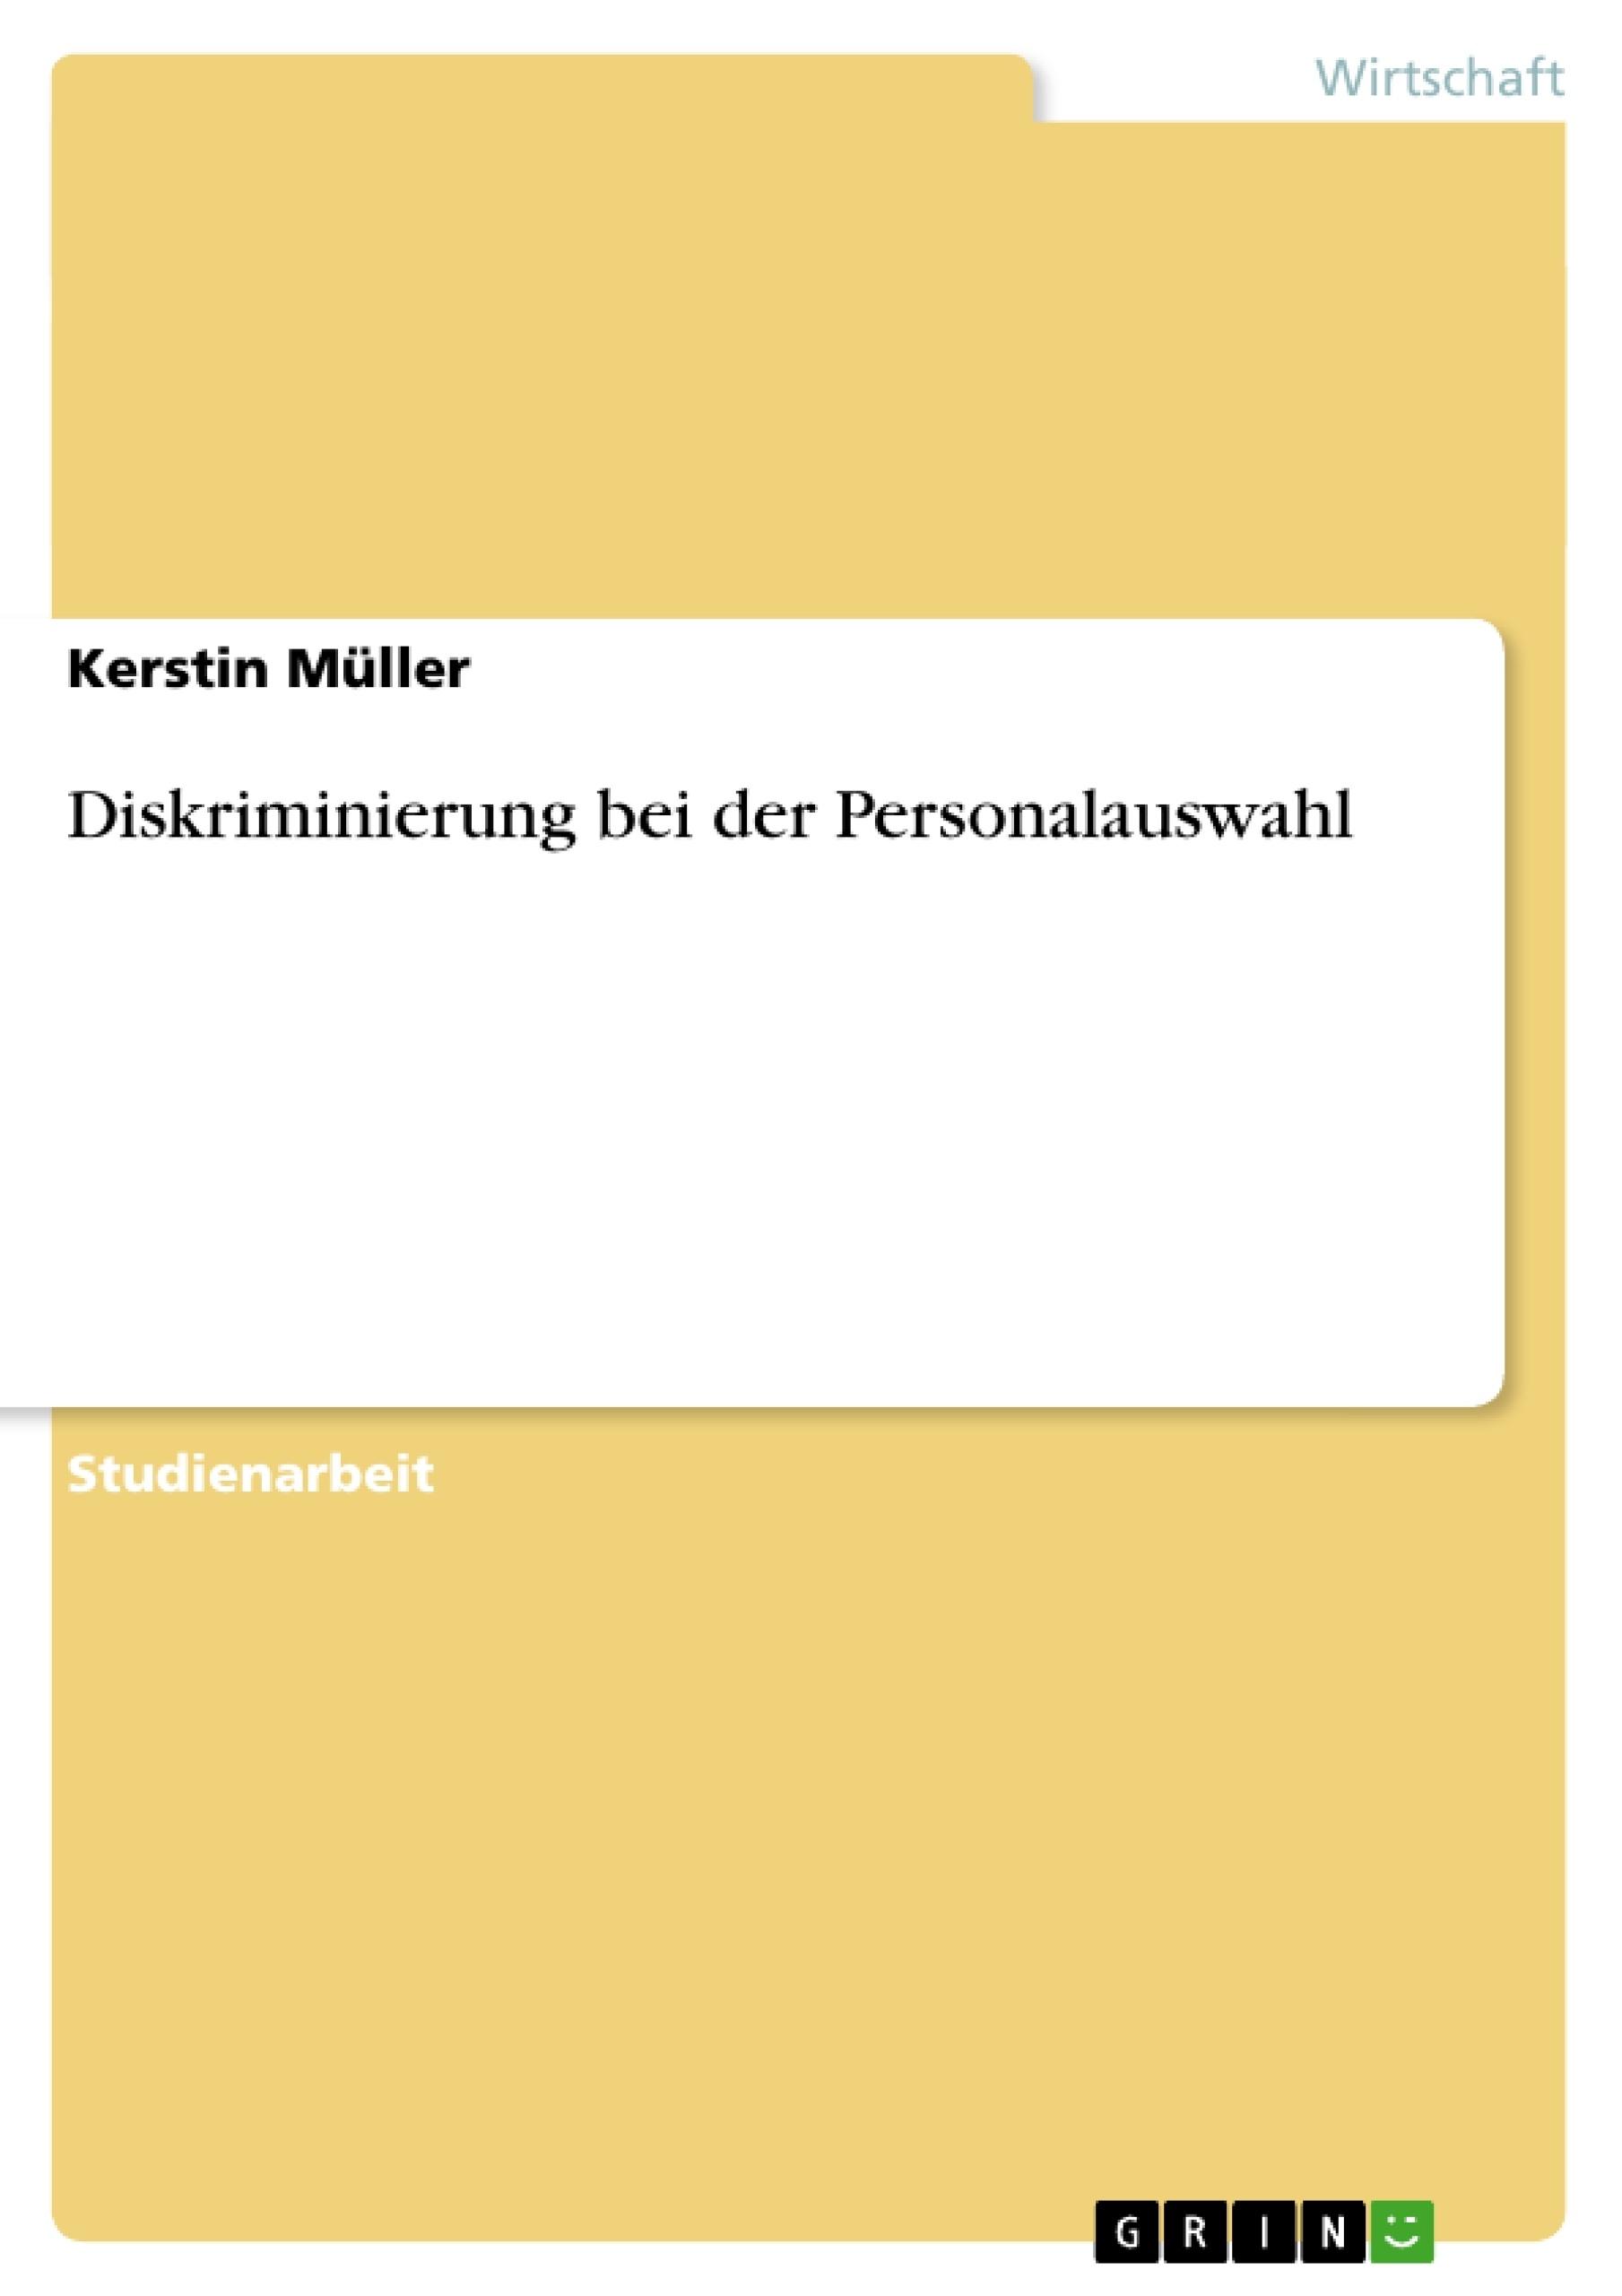 Titel: Diskriminierung bei der Personalauswahl